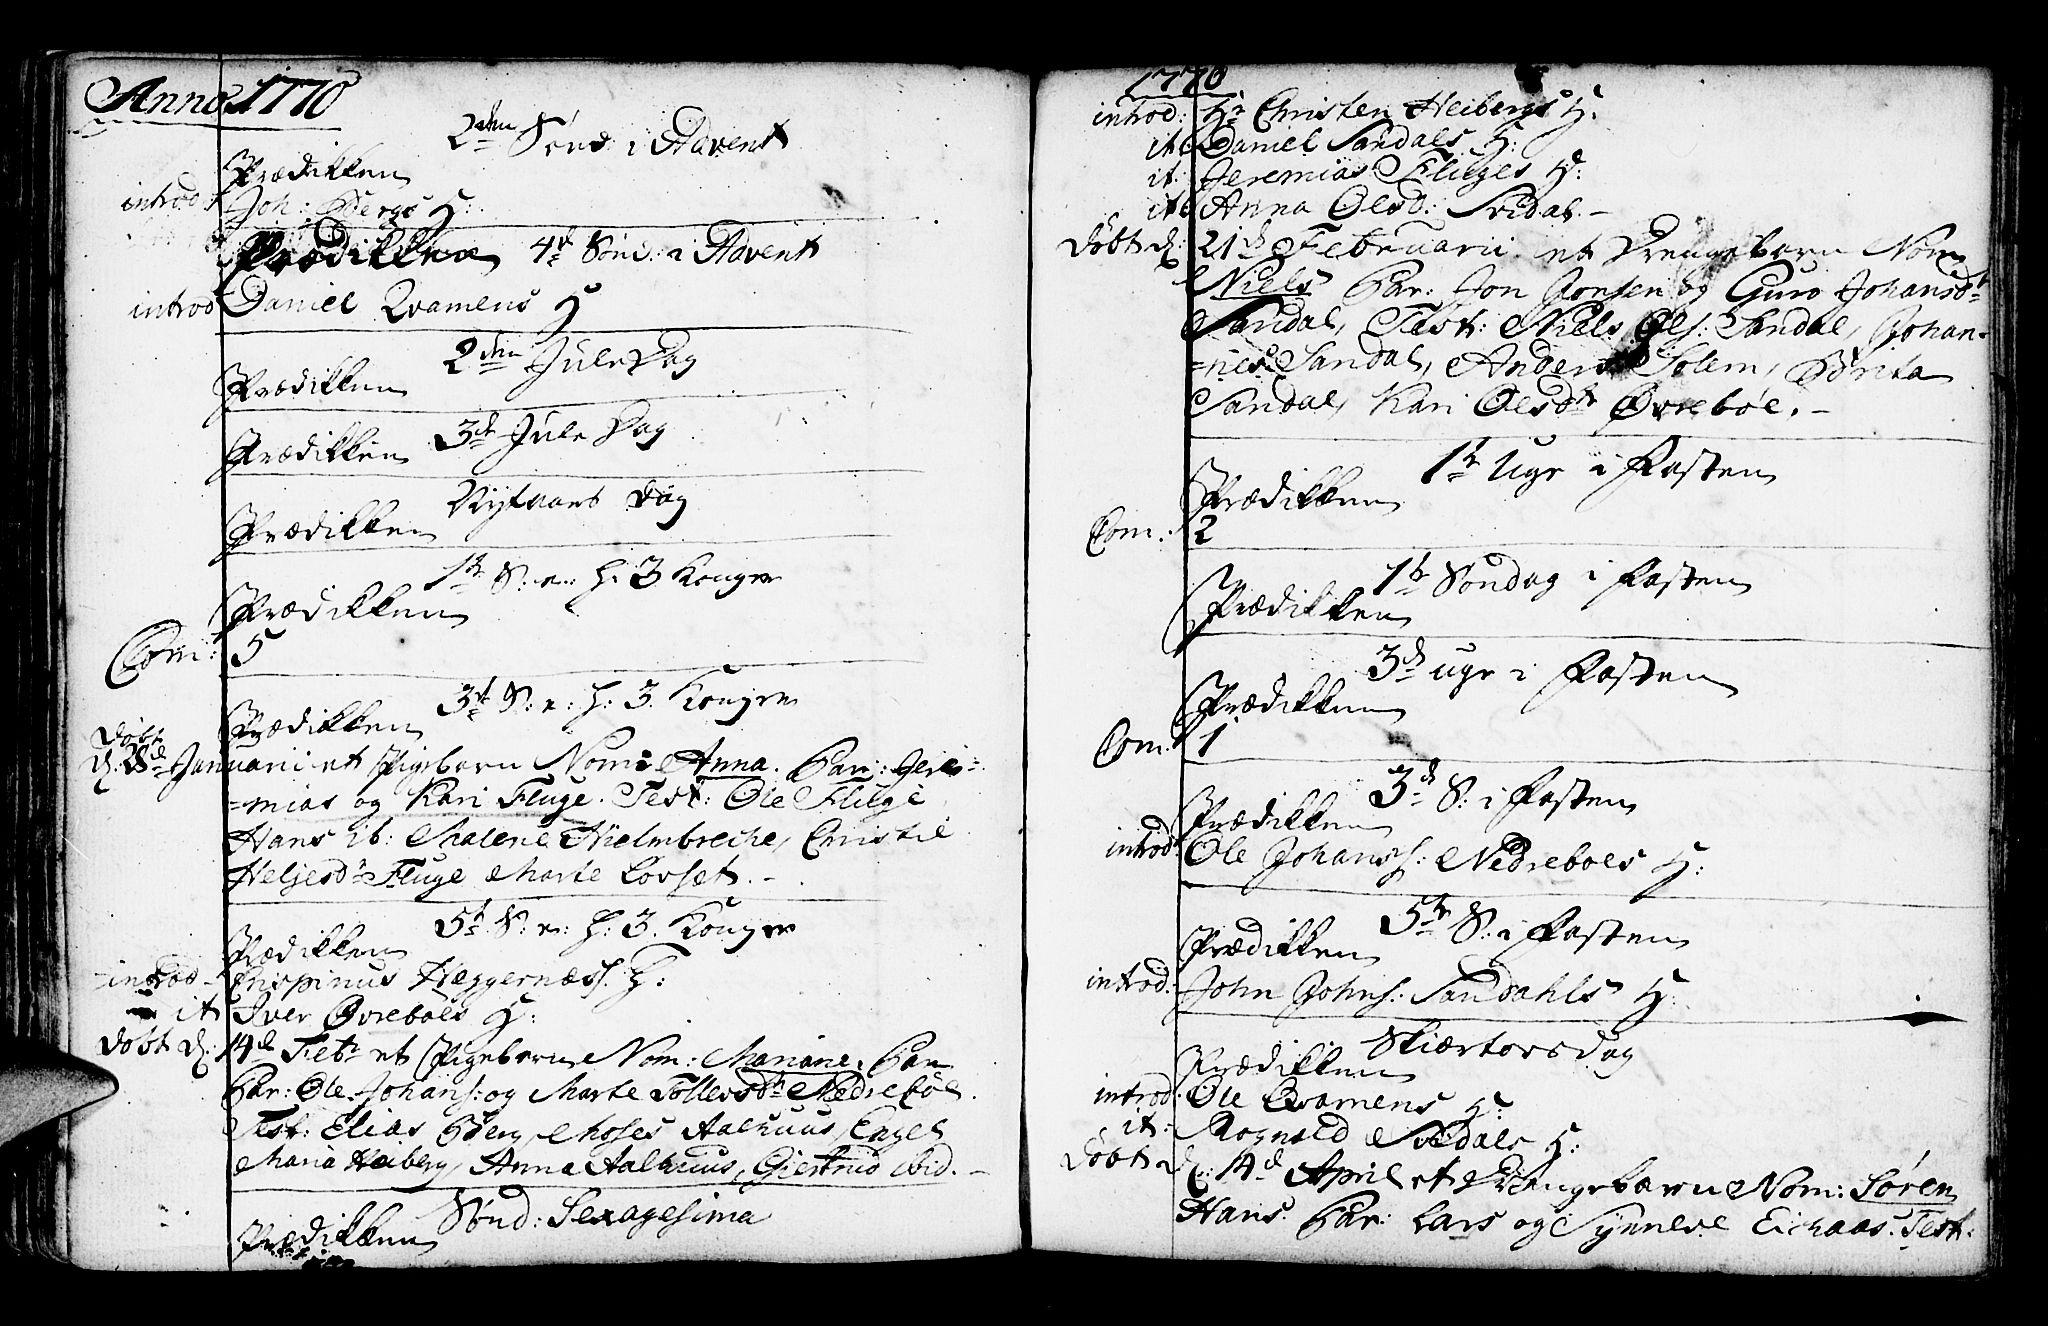 SAB, Jølster Sokneprestembete, Ministerialbok nr. A 3, 1748-1789, s. 126